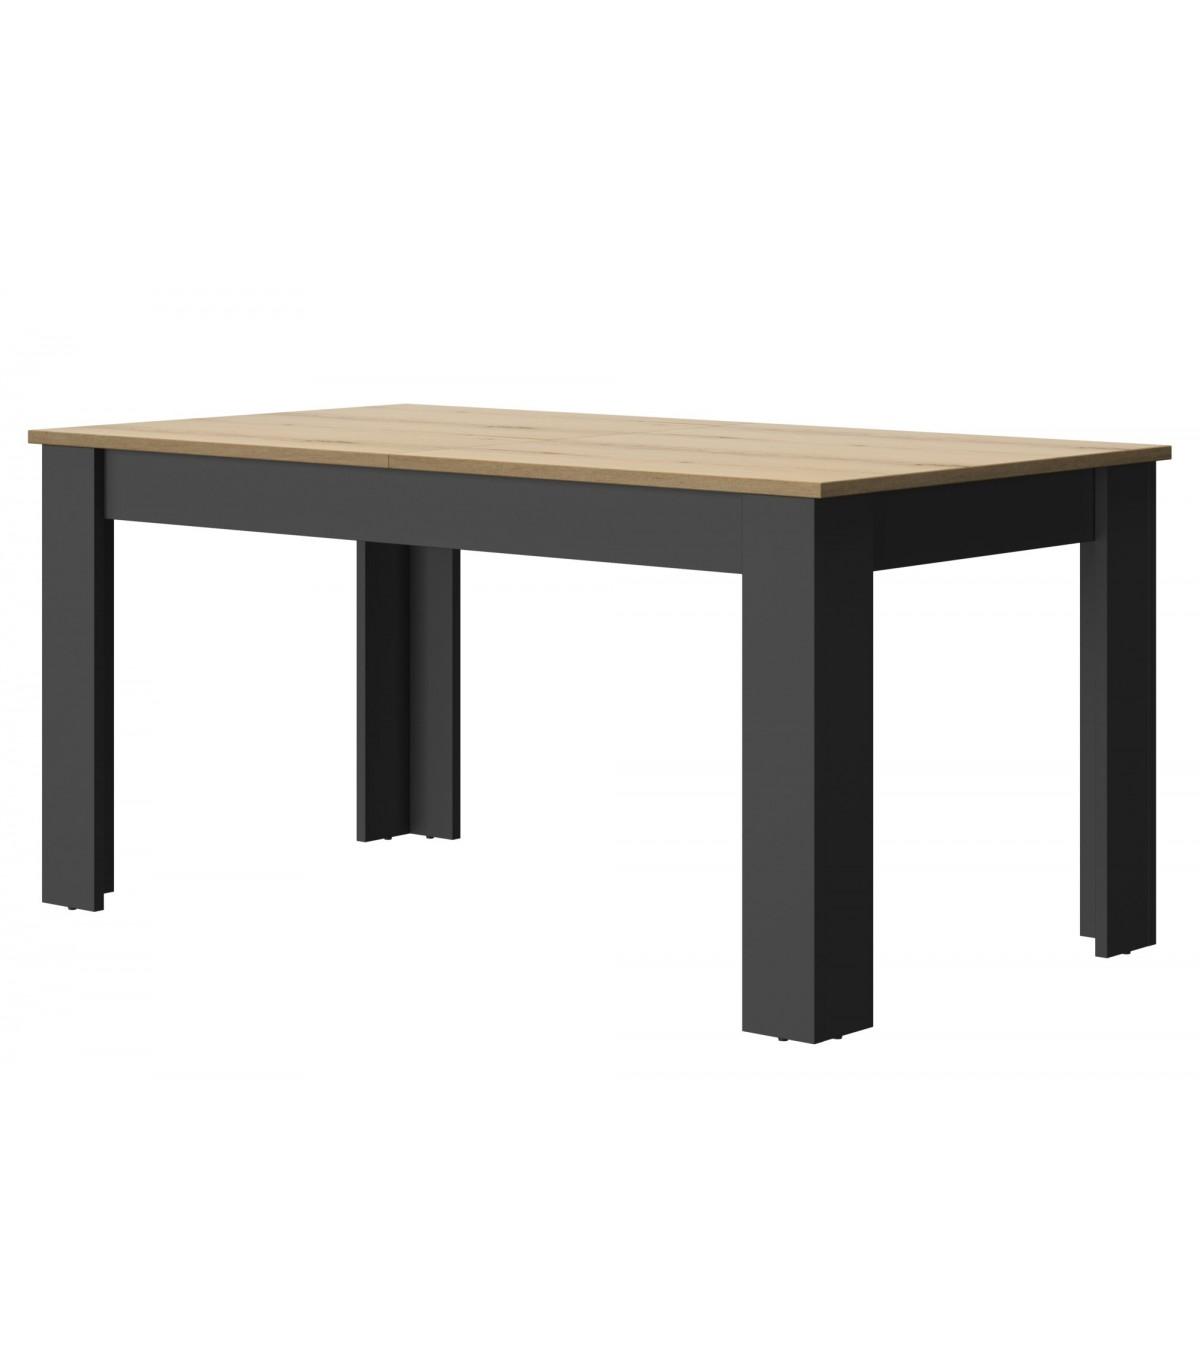 Table à manger rectangulaire extensible 8 pers. - Marron